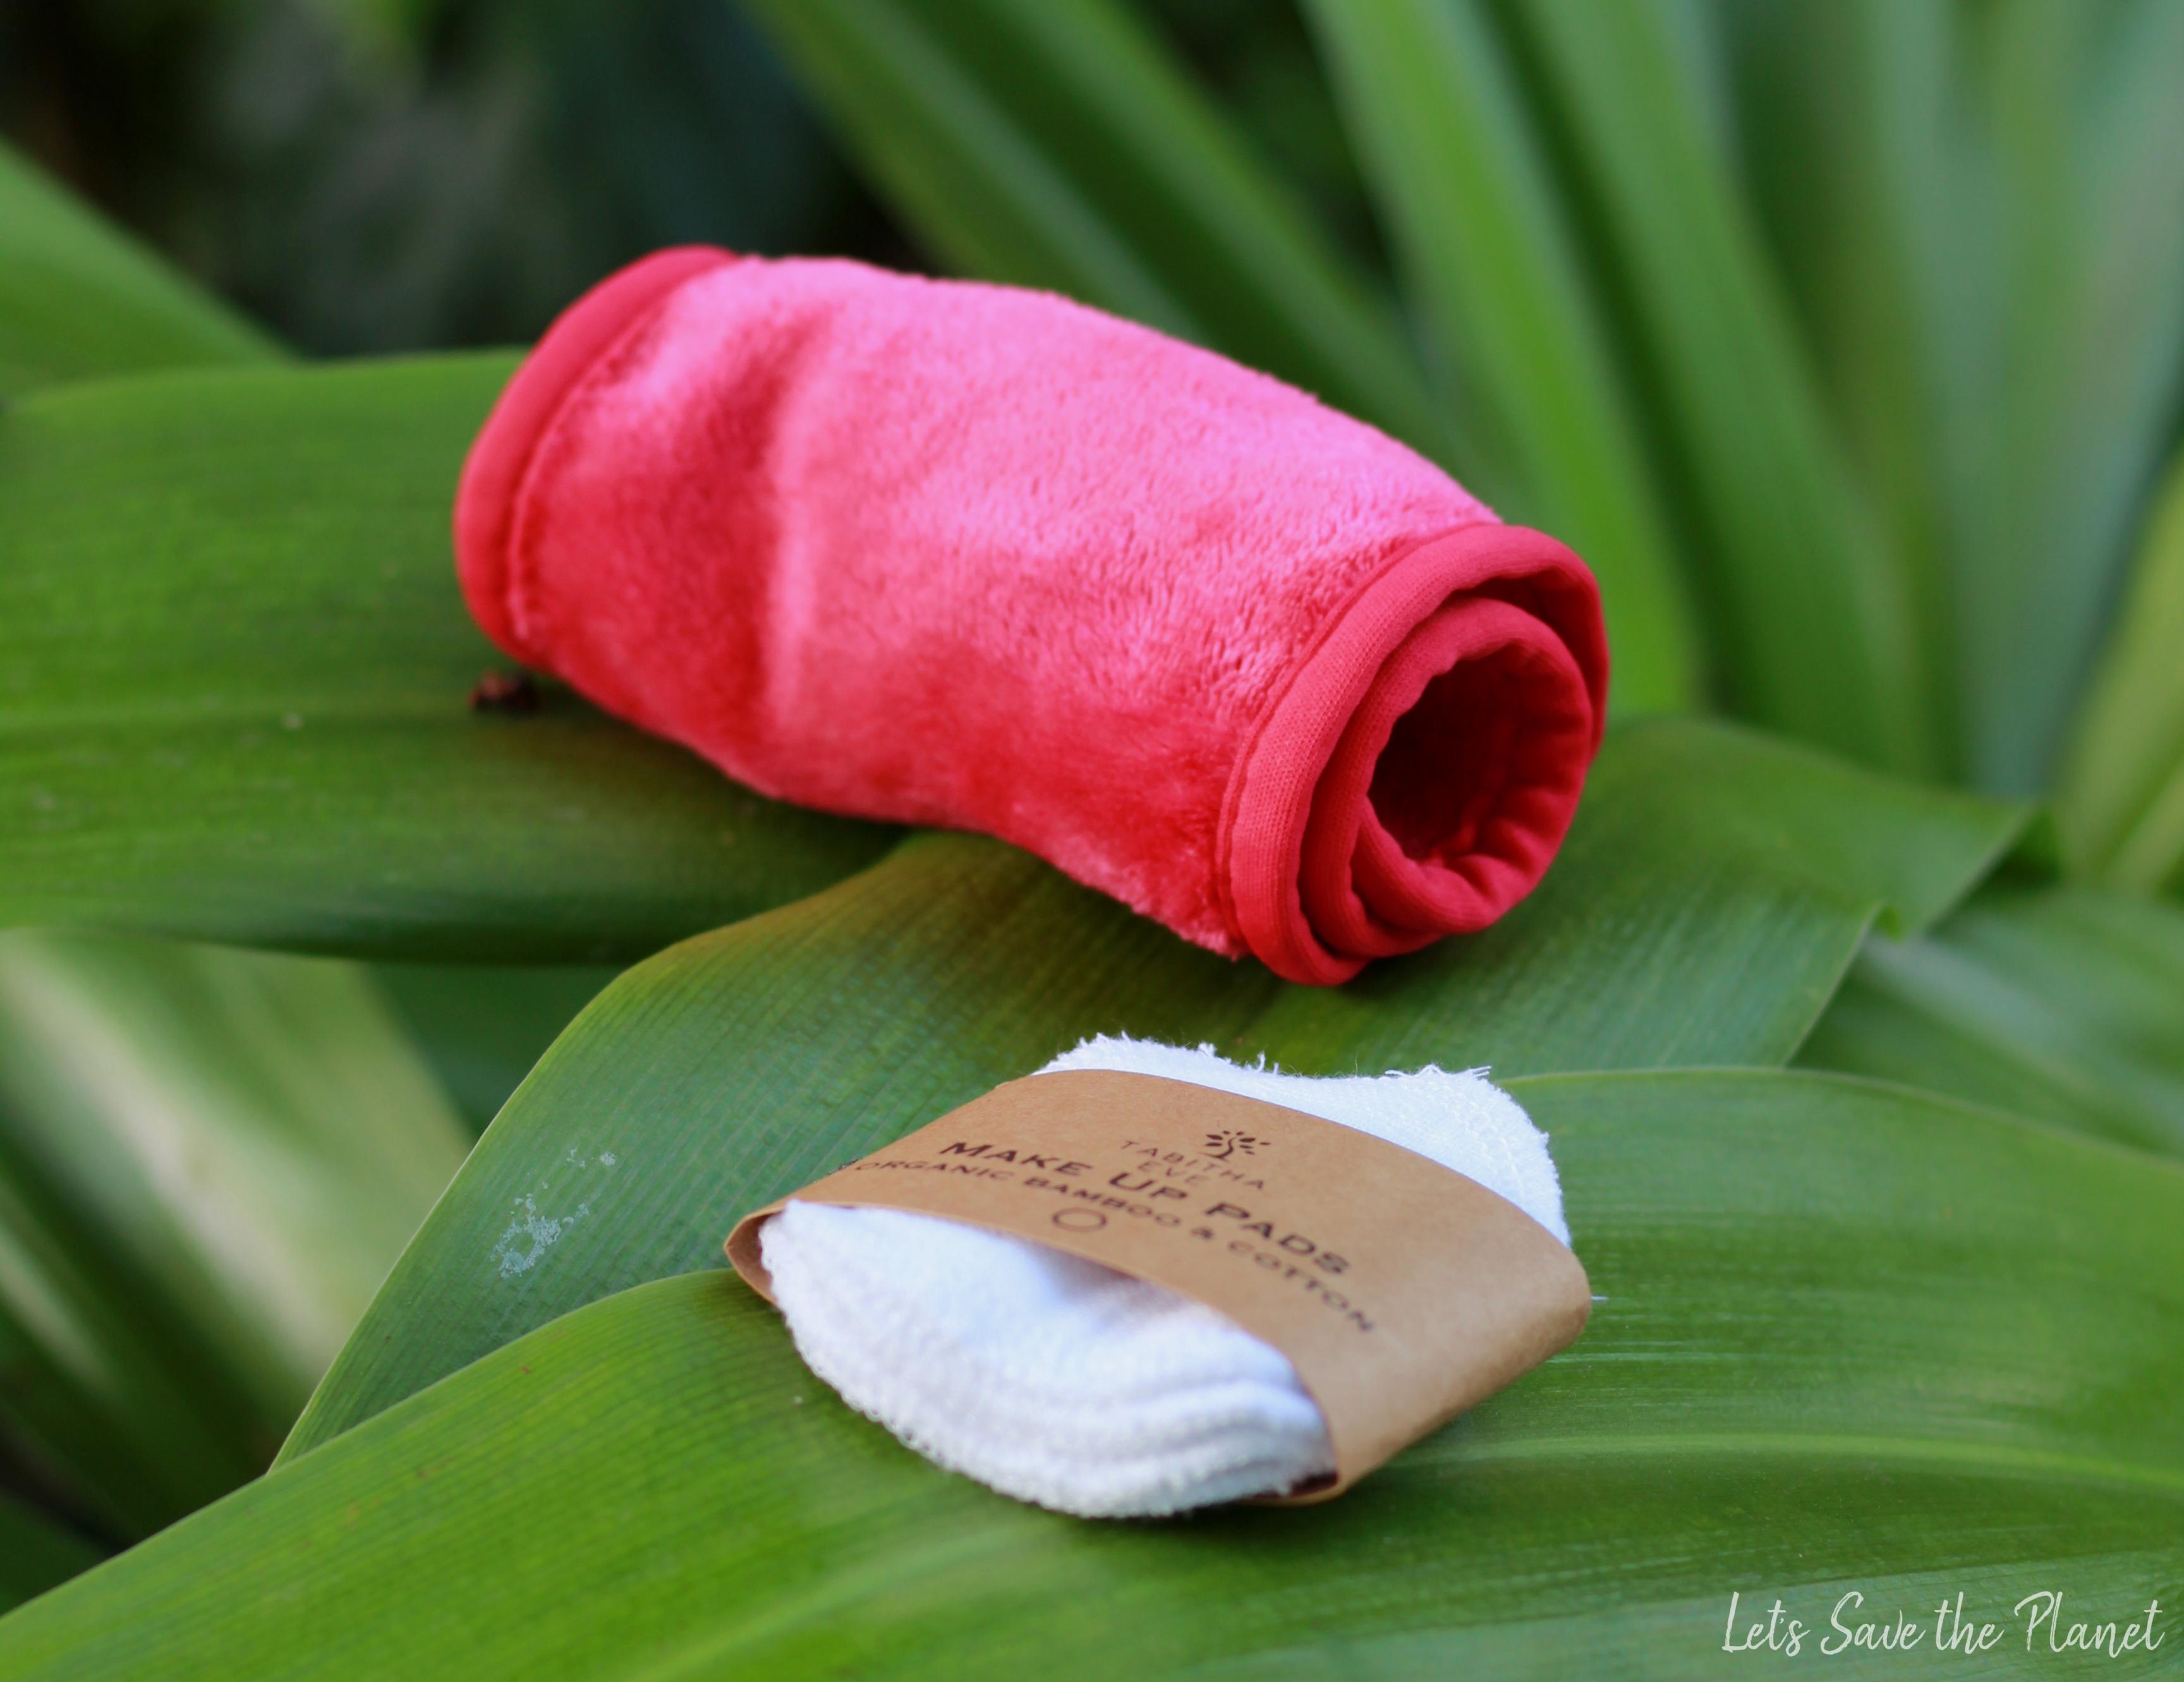 Duas alternativas aos discos de algodão descartáveis. A toalha desmaquilhante e os discos de algodão reutilizáveis